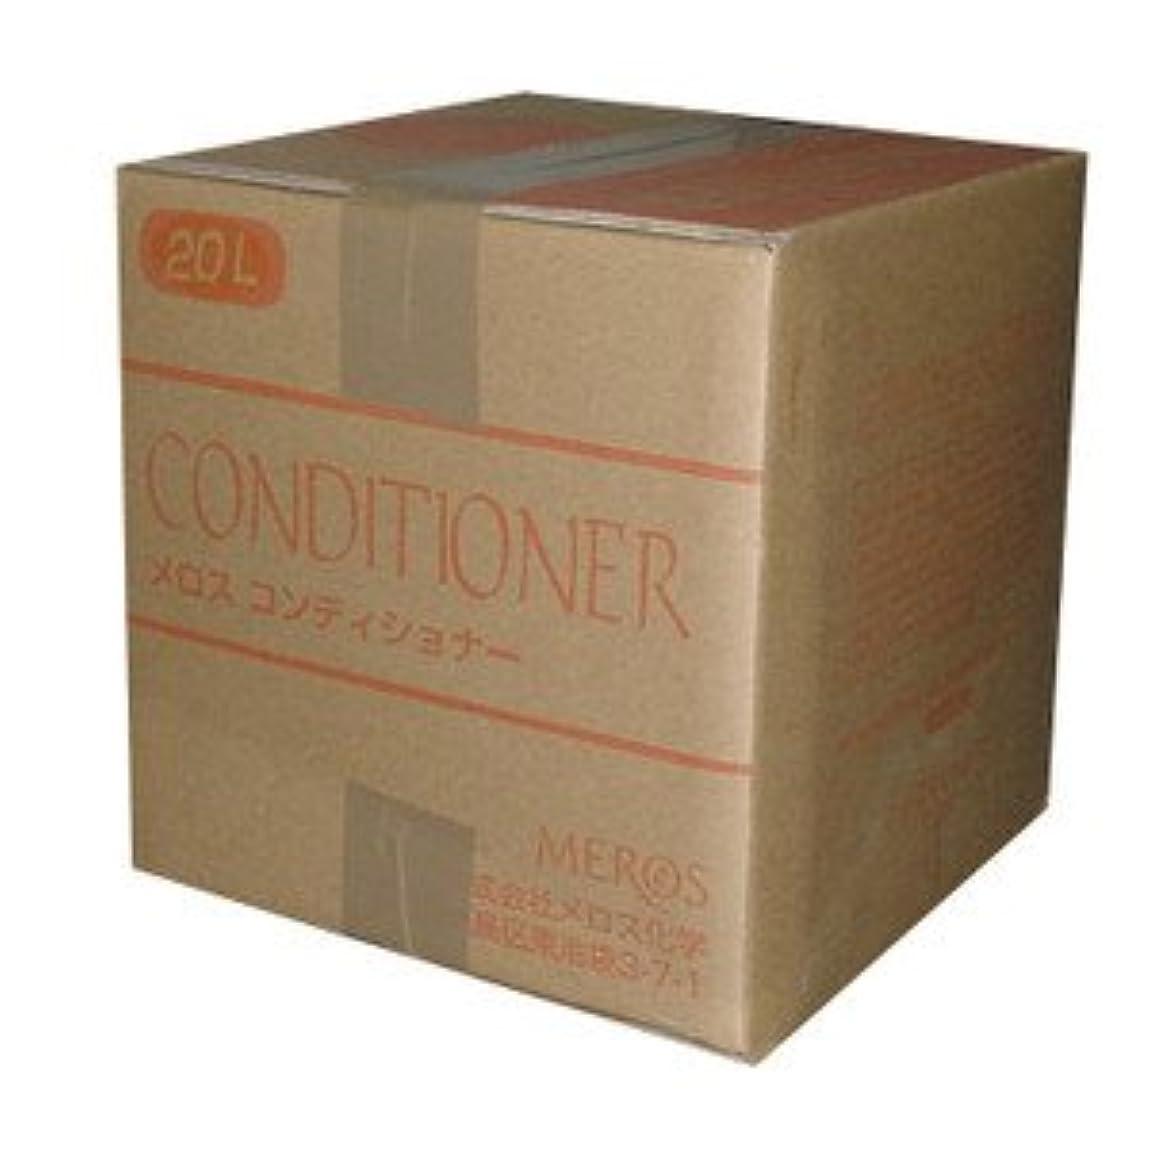 通常シンプトン仲介者メロス コンディショナー 業務用 20L / 詰め替え (メロス化学)業務用コンディショナー